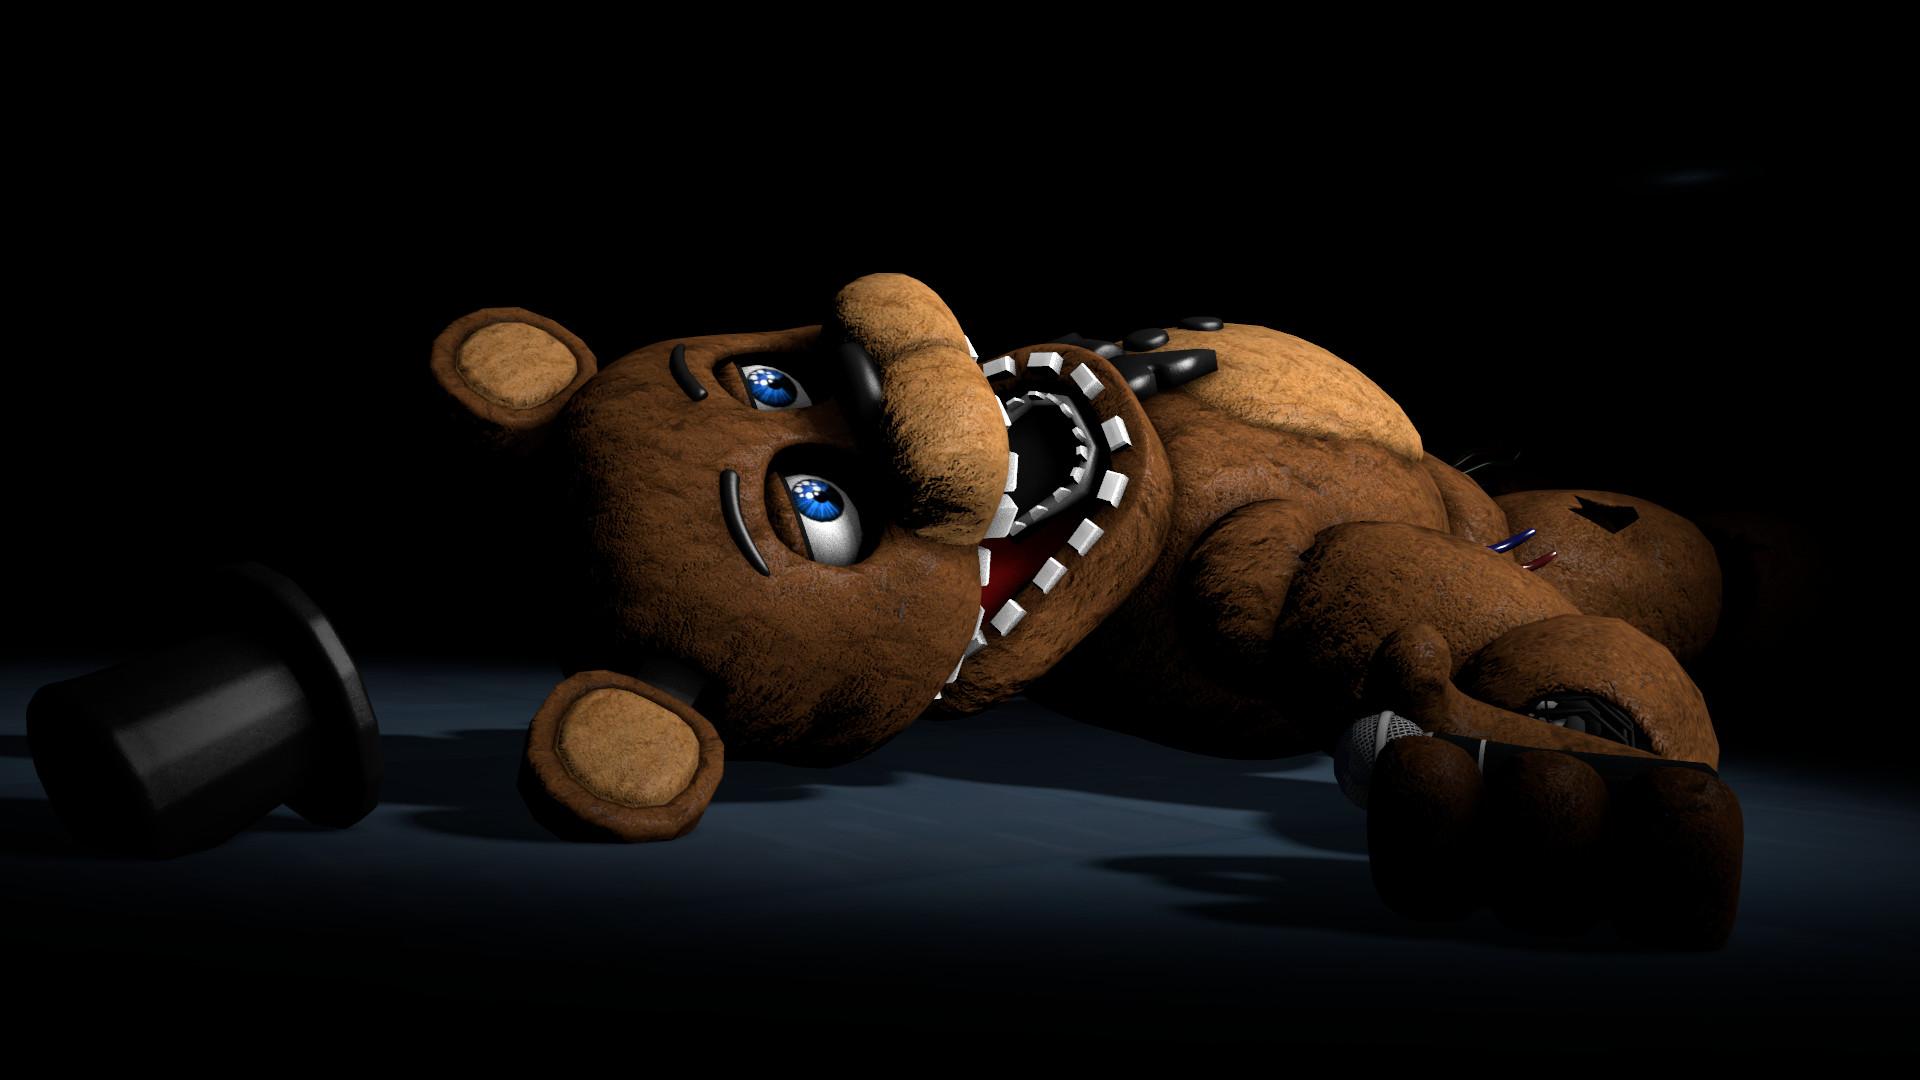 FNaF: Freddy Fazbear by RaptorLover0823 FNaF: Freddy Fazbear by  RaptorLover0823